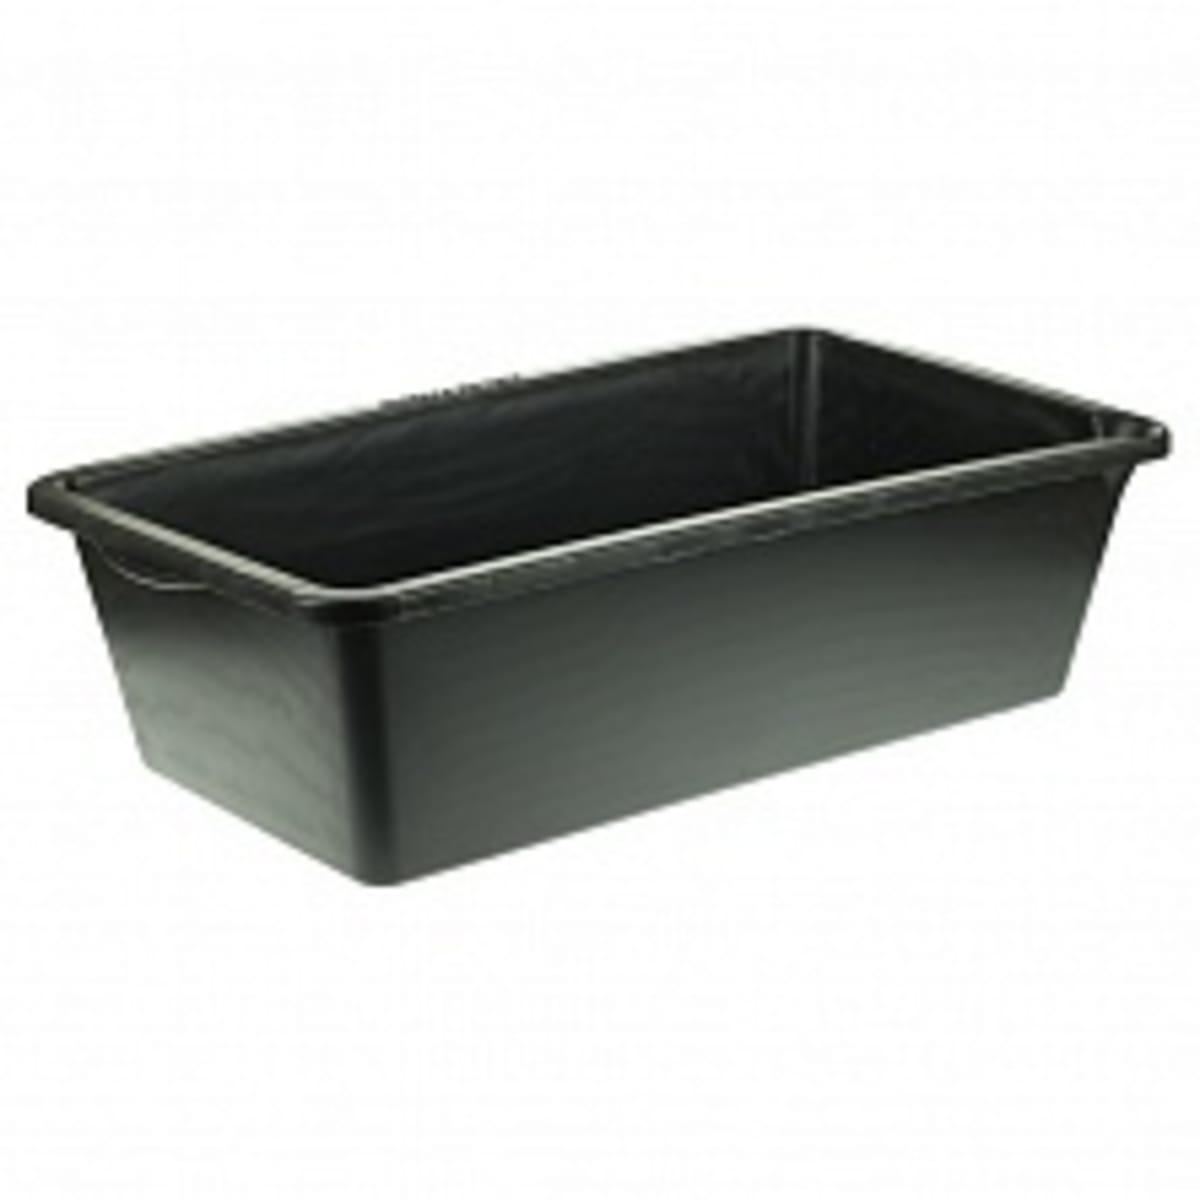 Купить емкость строительную пластиковую для раствора бетонная смесь состав по госту